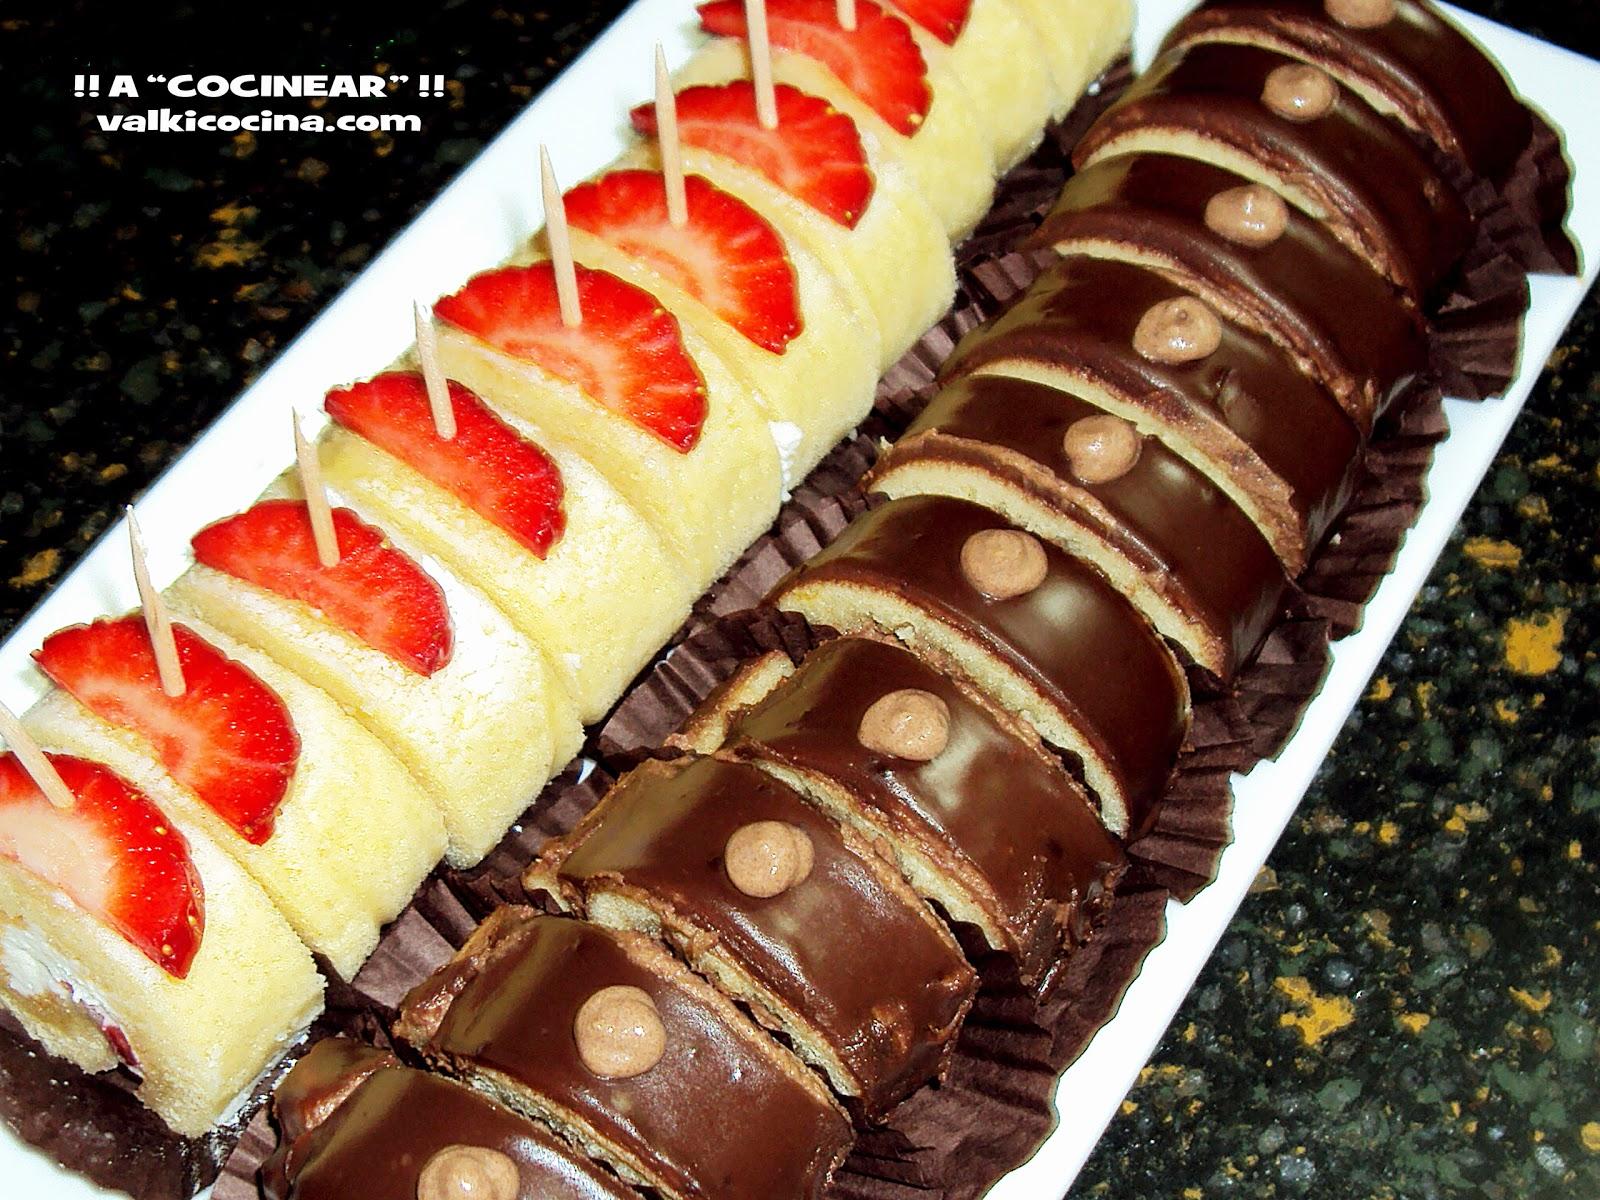 Rollitos de nata-fresas y de trufa-chocolate